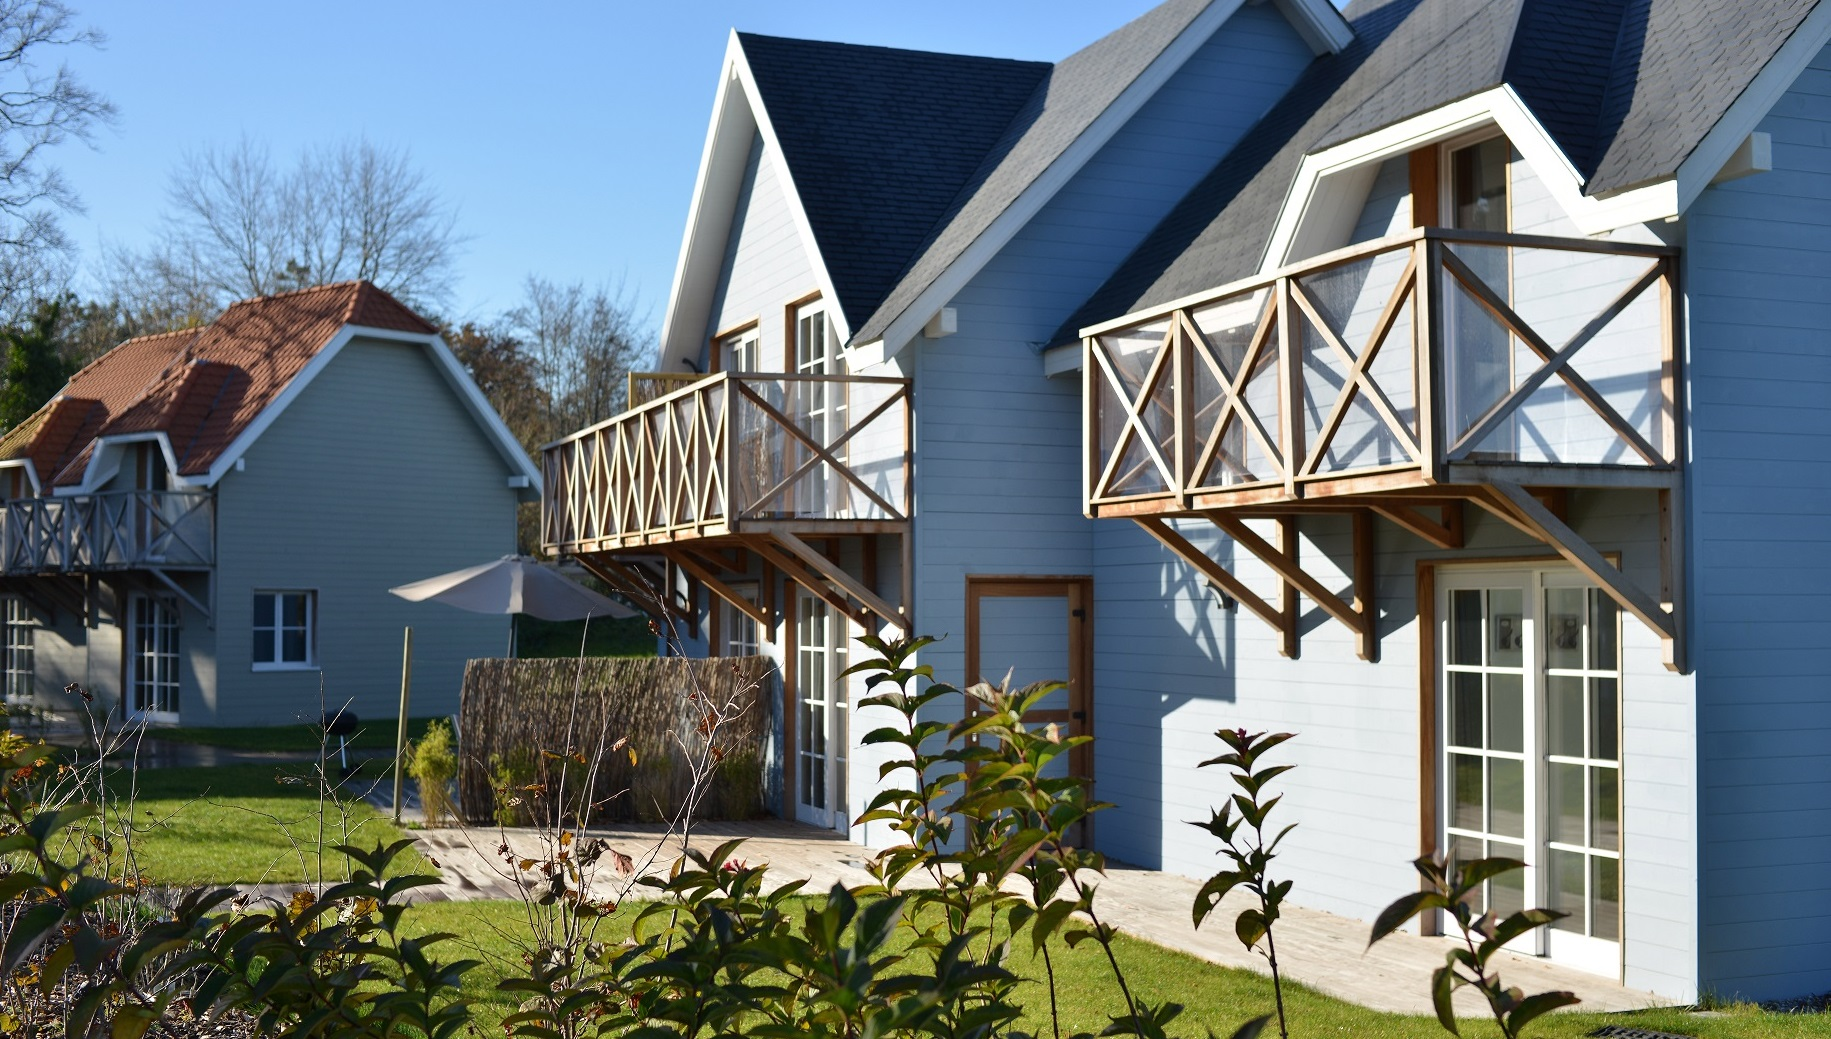 Location de villa pour un s jour au c ur de la baie de somme for Baie de somme location maison